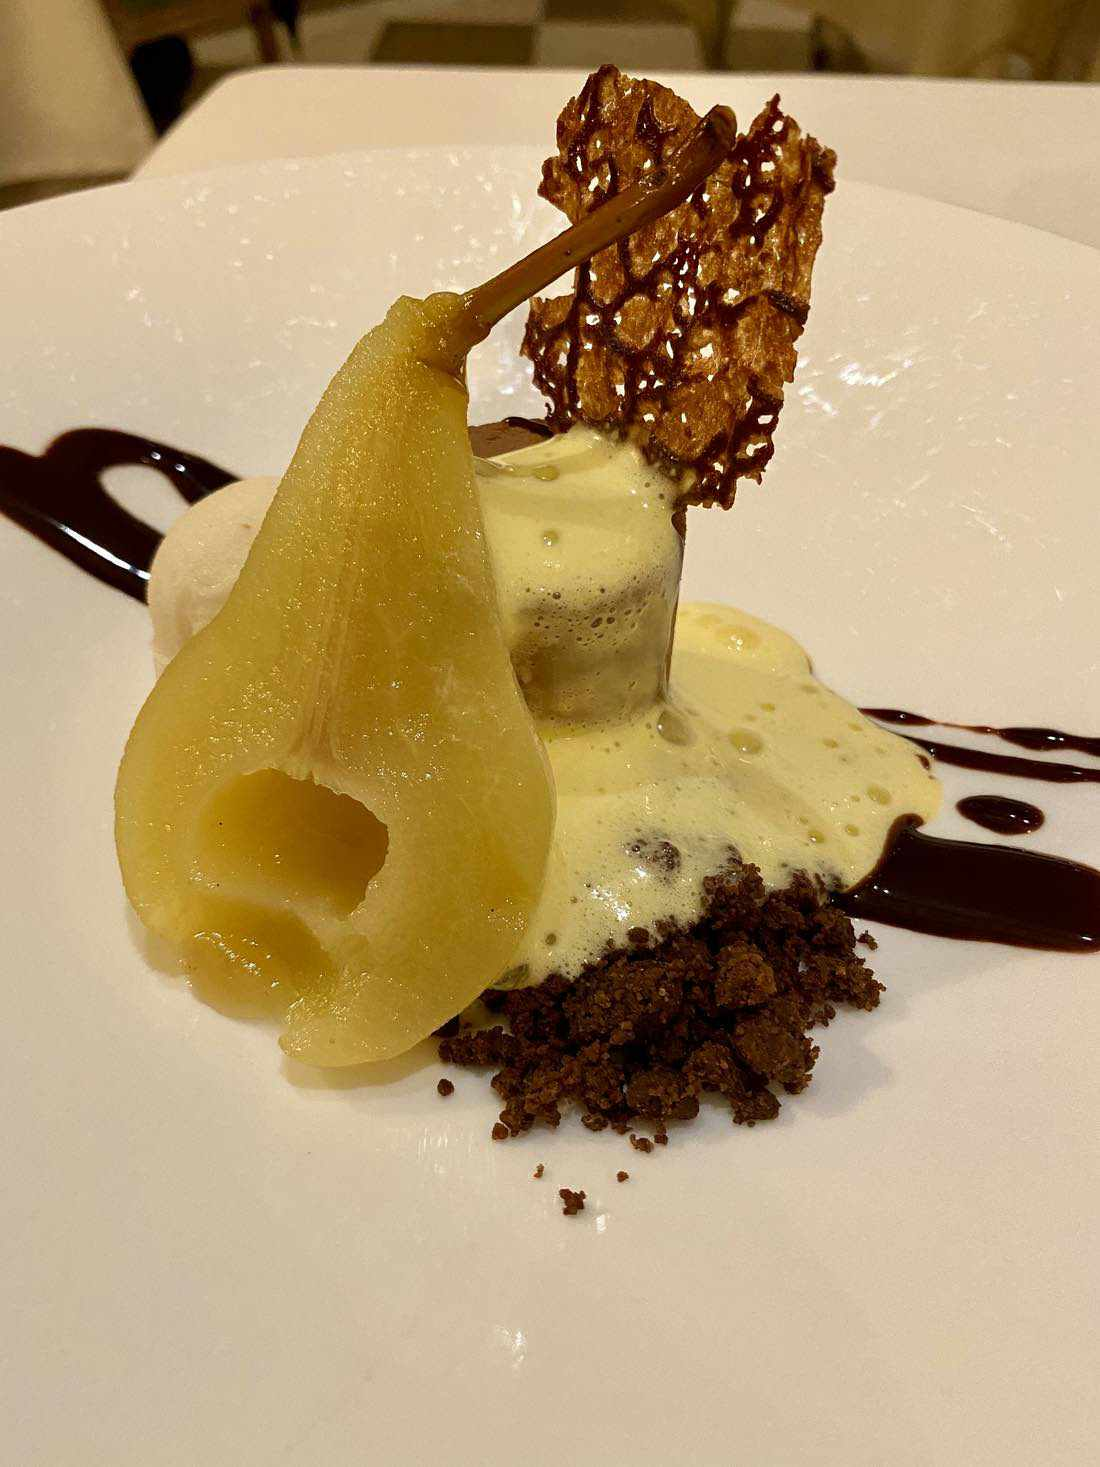 köstliches Dessert 16 Gault Millau